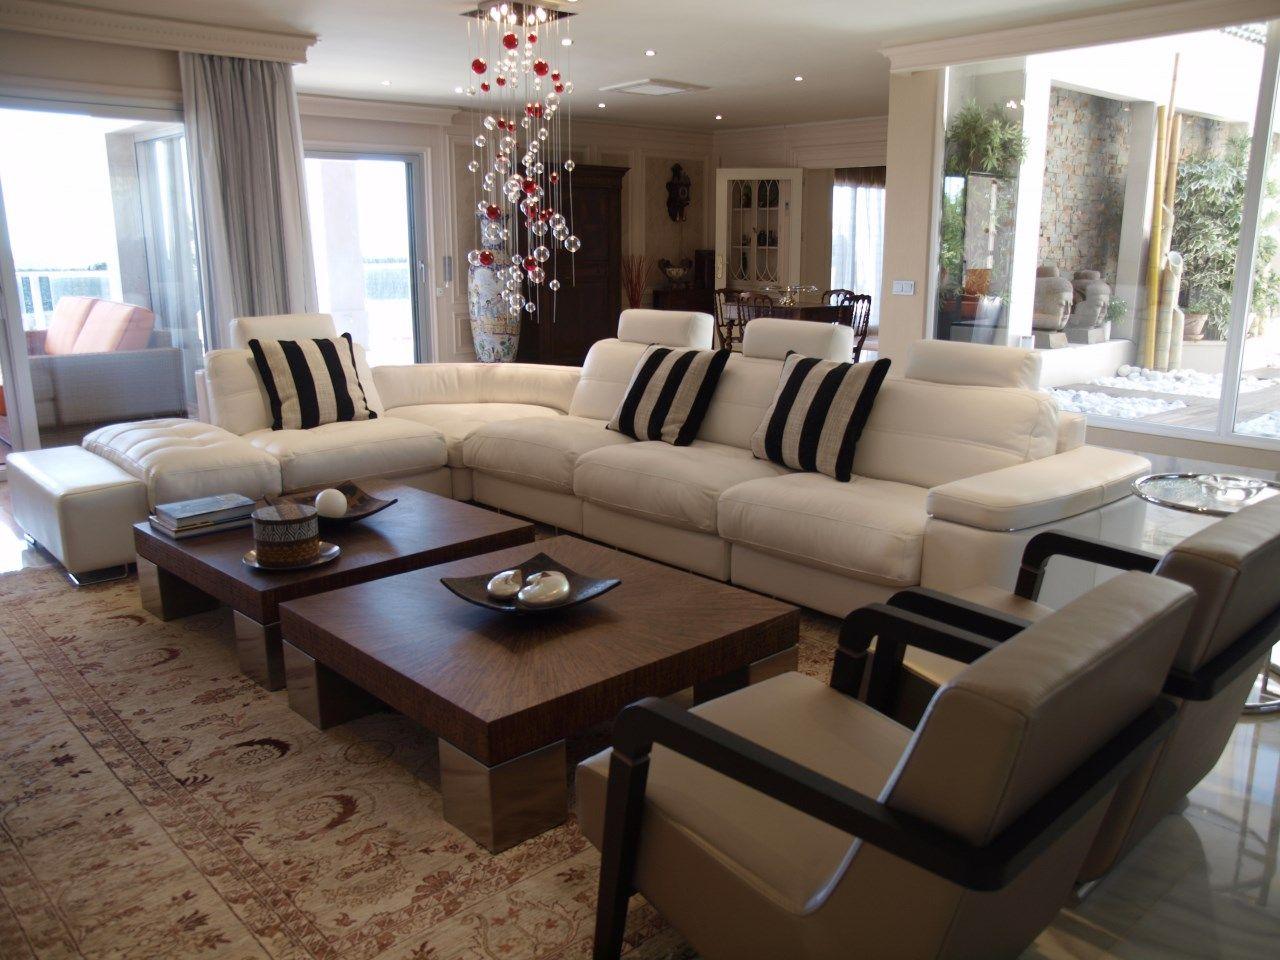 Elegante sal n de dise o minimalista moderno en tonos for Muebles salon diseno minimalista